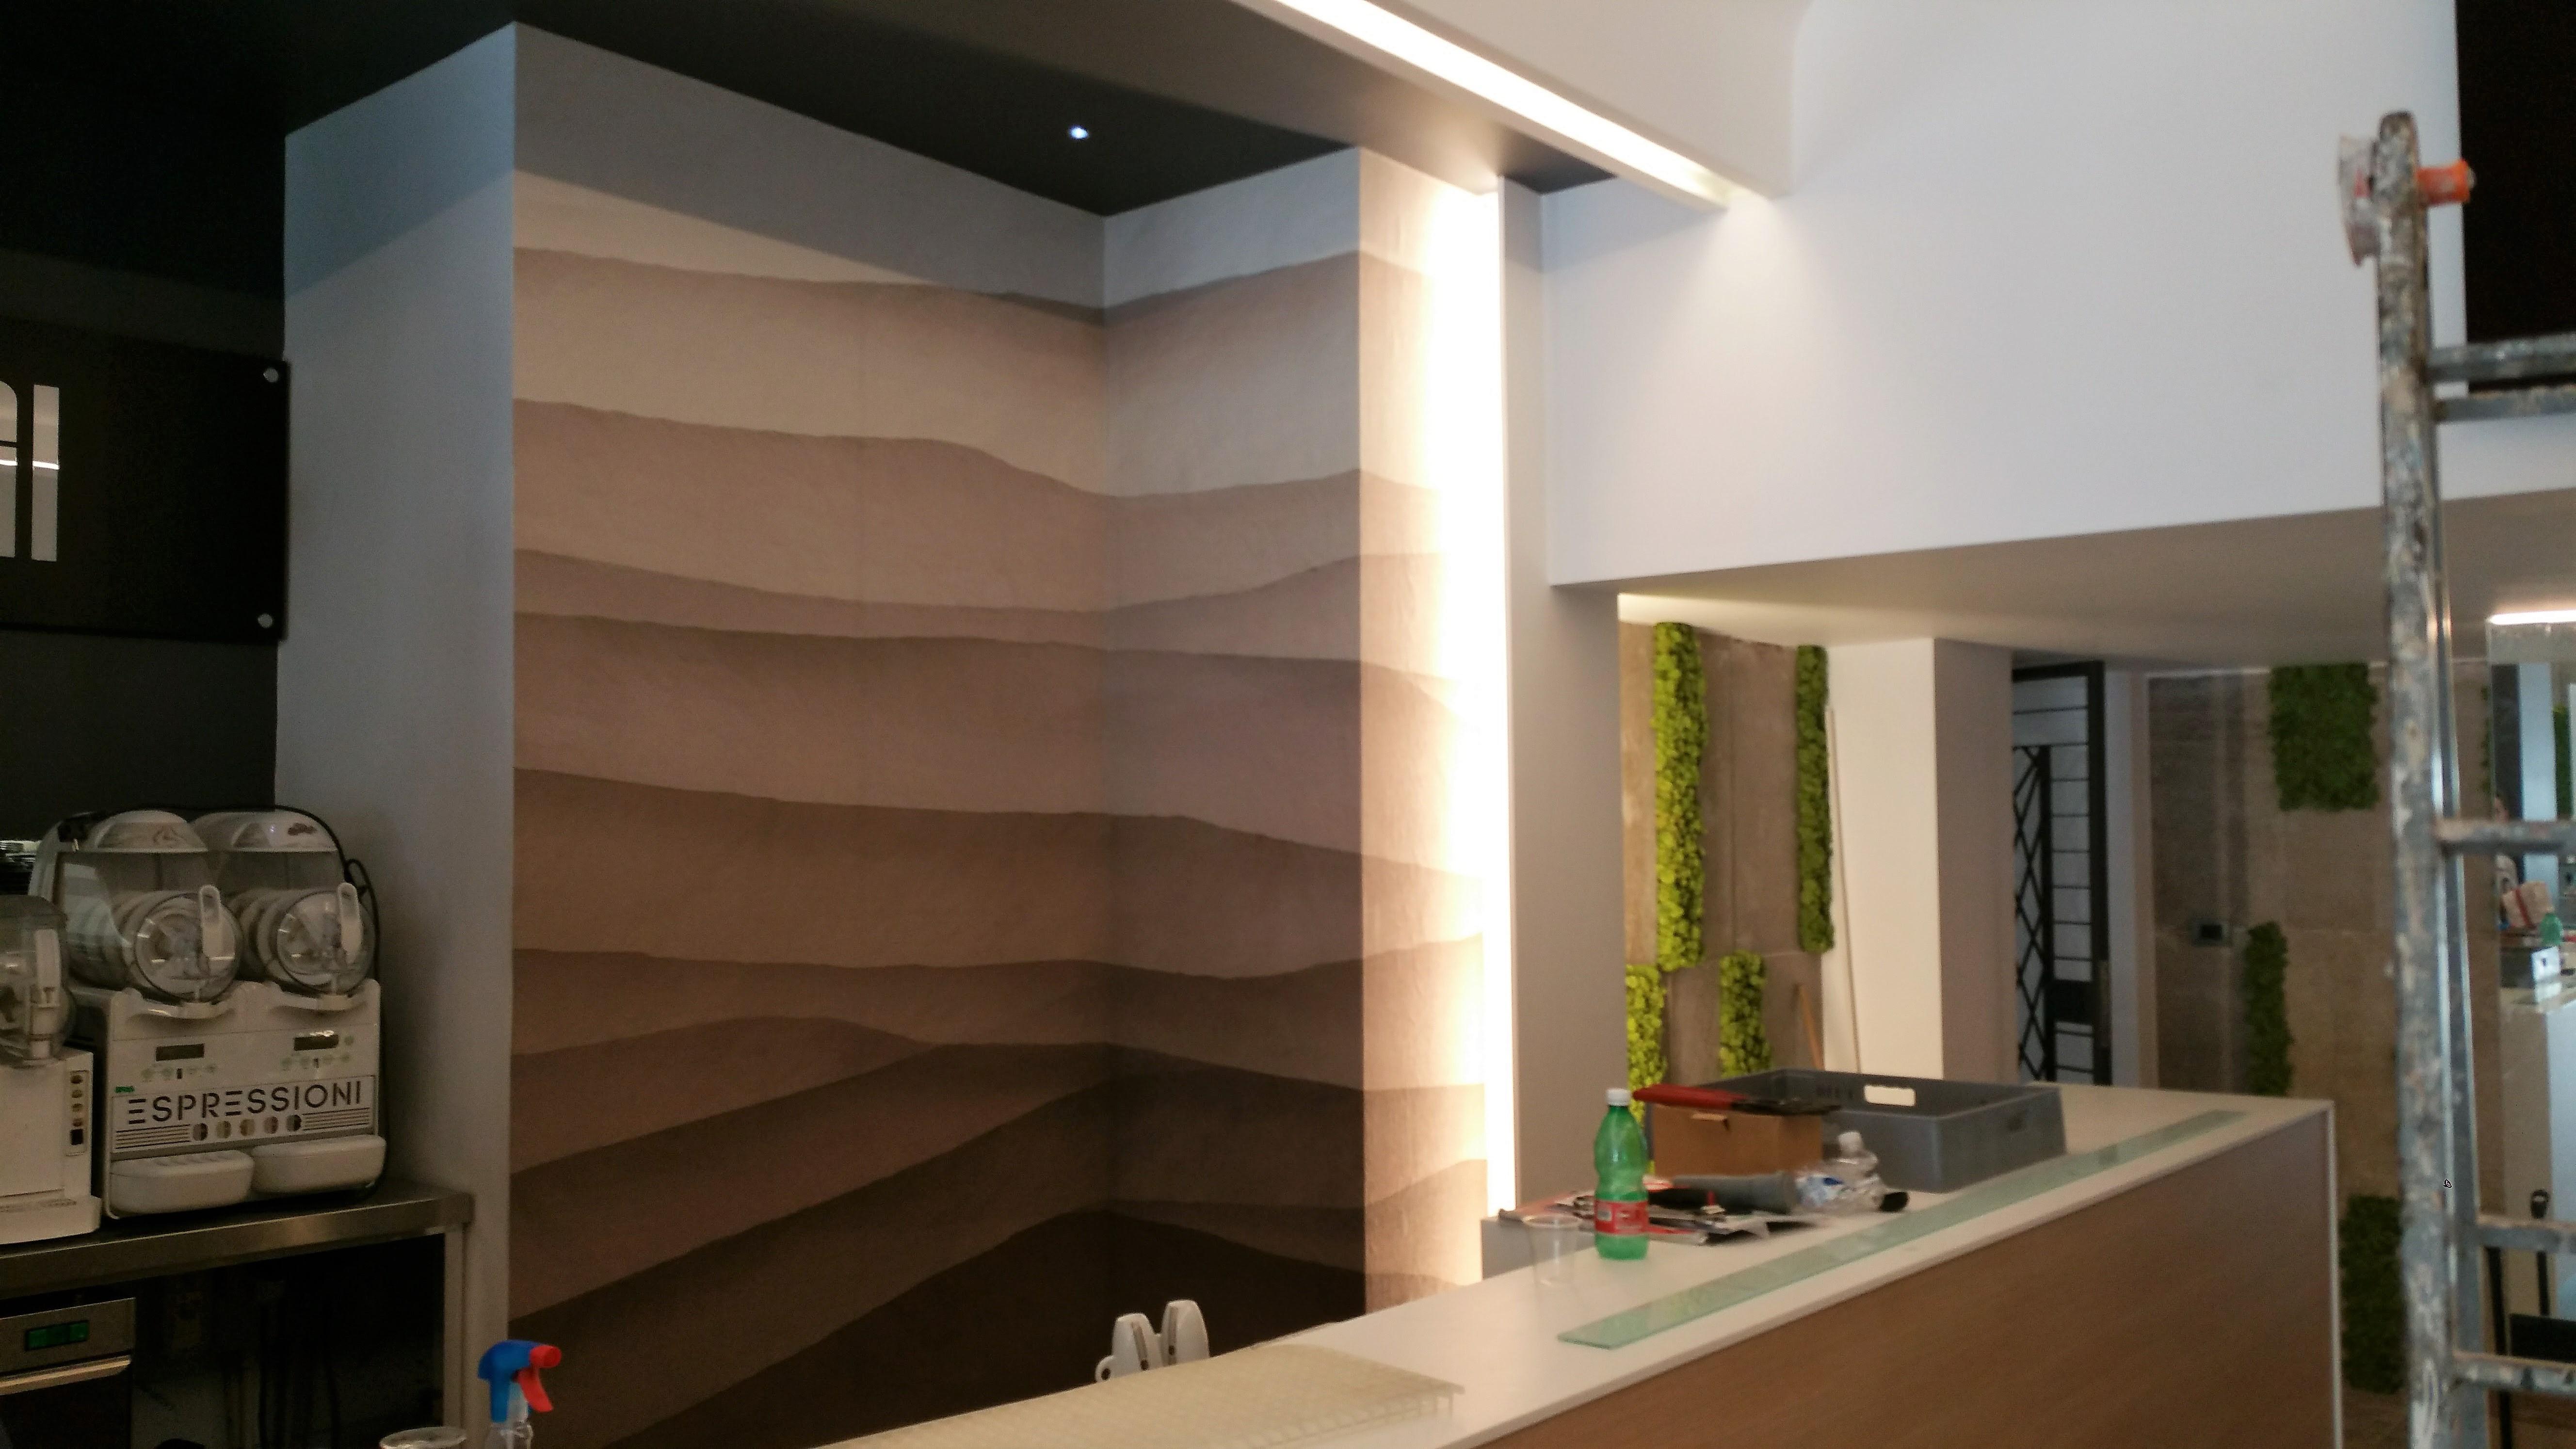 Parato personalizzato – Fornitore Inchiosto Bianco – Particolare realizzato adhoc su parete